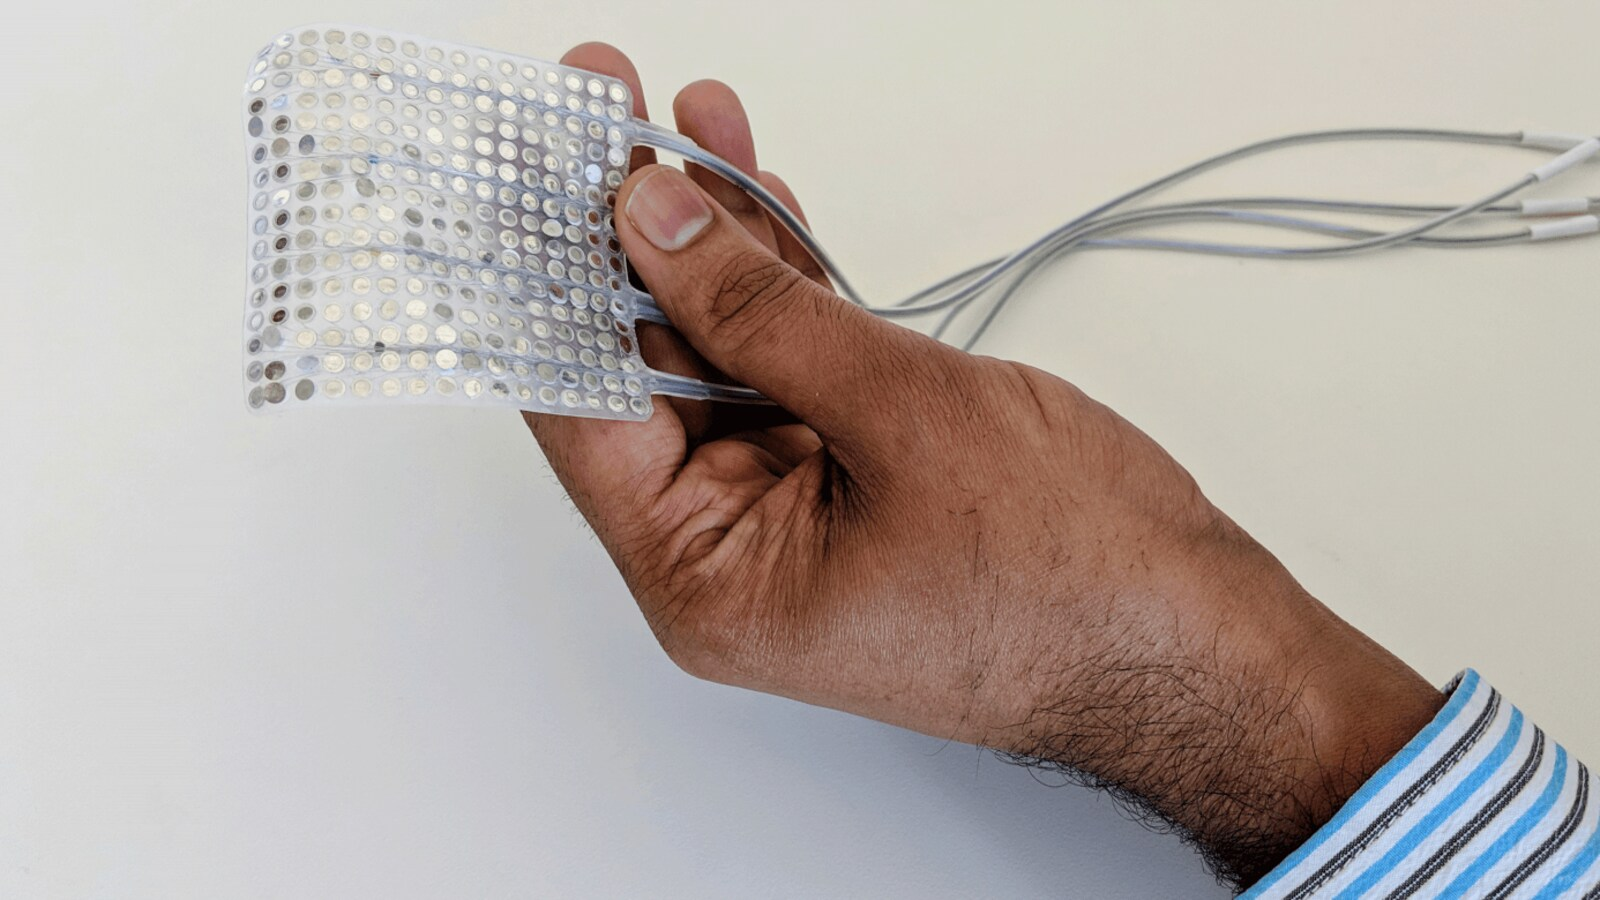 Des chercheurs inventent un implant capable de traduire les pensées en paroles